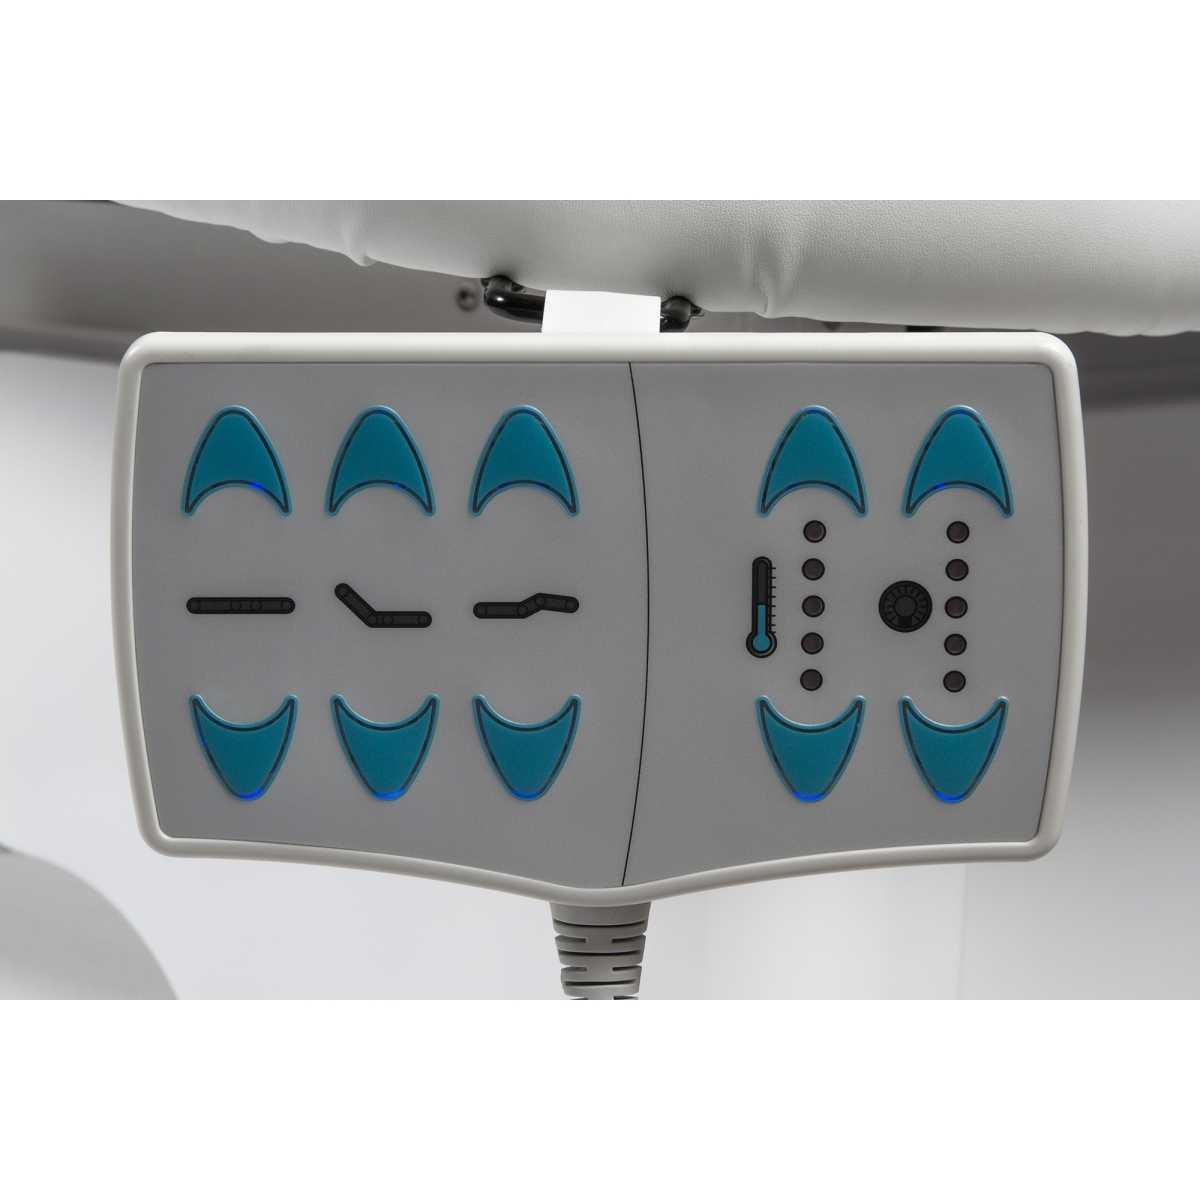 Lettino Spa di Lusso dell'Acqua e Cromoterapia AquaSpa 1 motore - Benessere & Spa